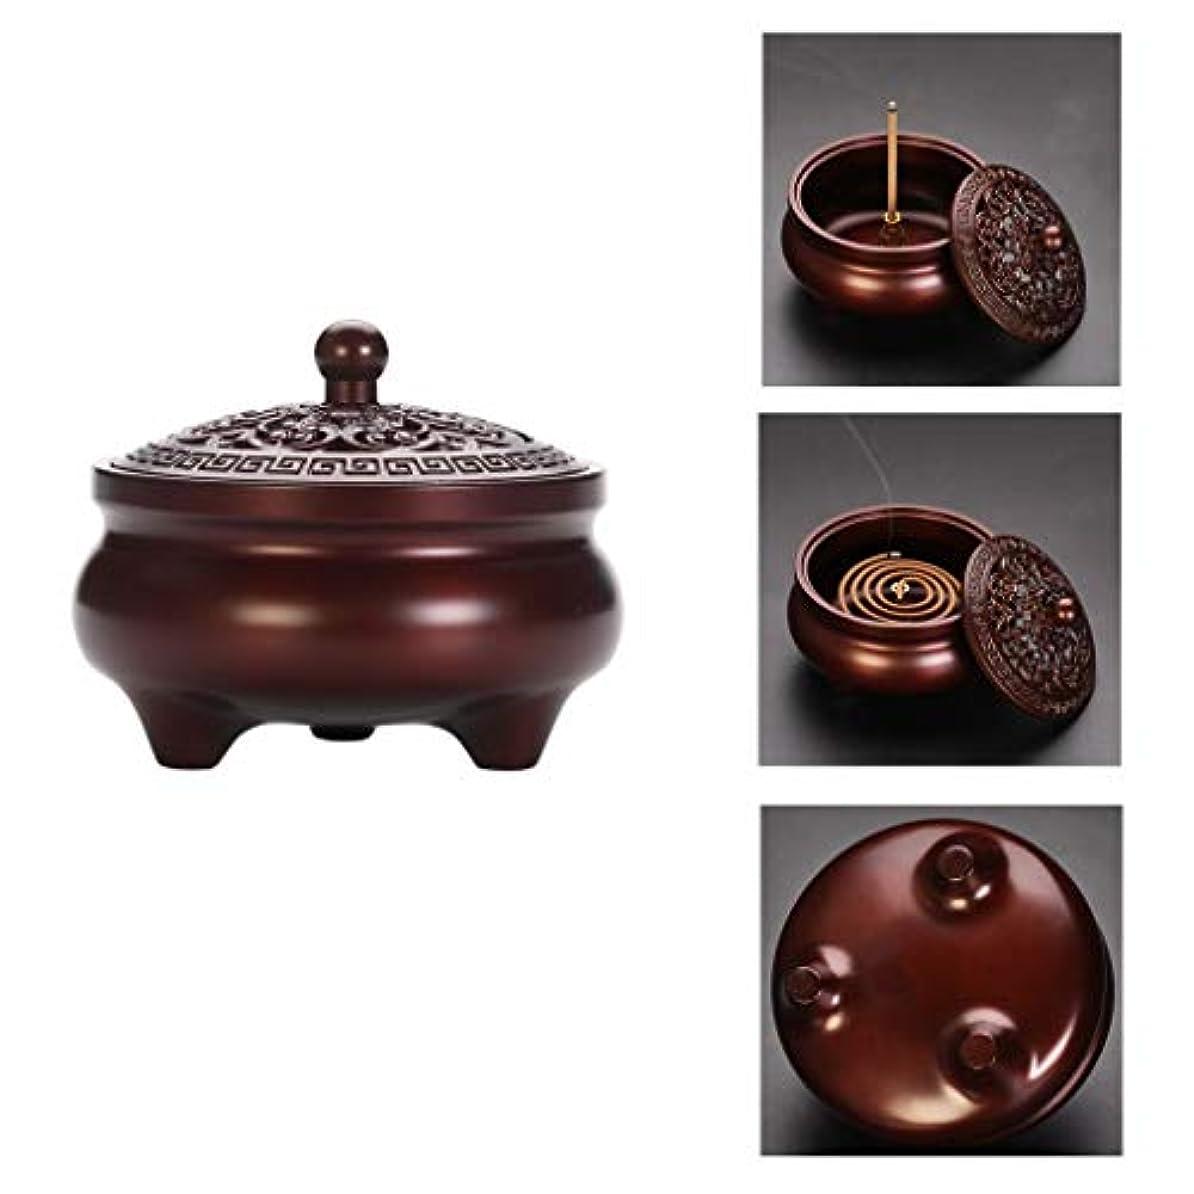 カップロケットバージンホームアロマバーナー 純銅製メカニズム香炉シンプルでエレガントな香炉内三脚アロマセラピー炉 アロマバーナー (Color : Purple Lotus)